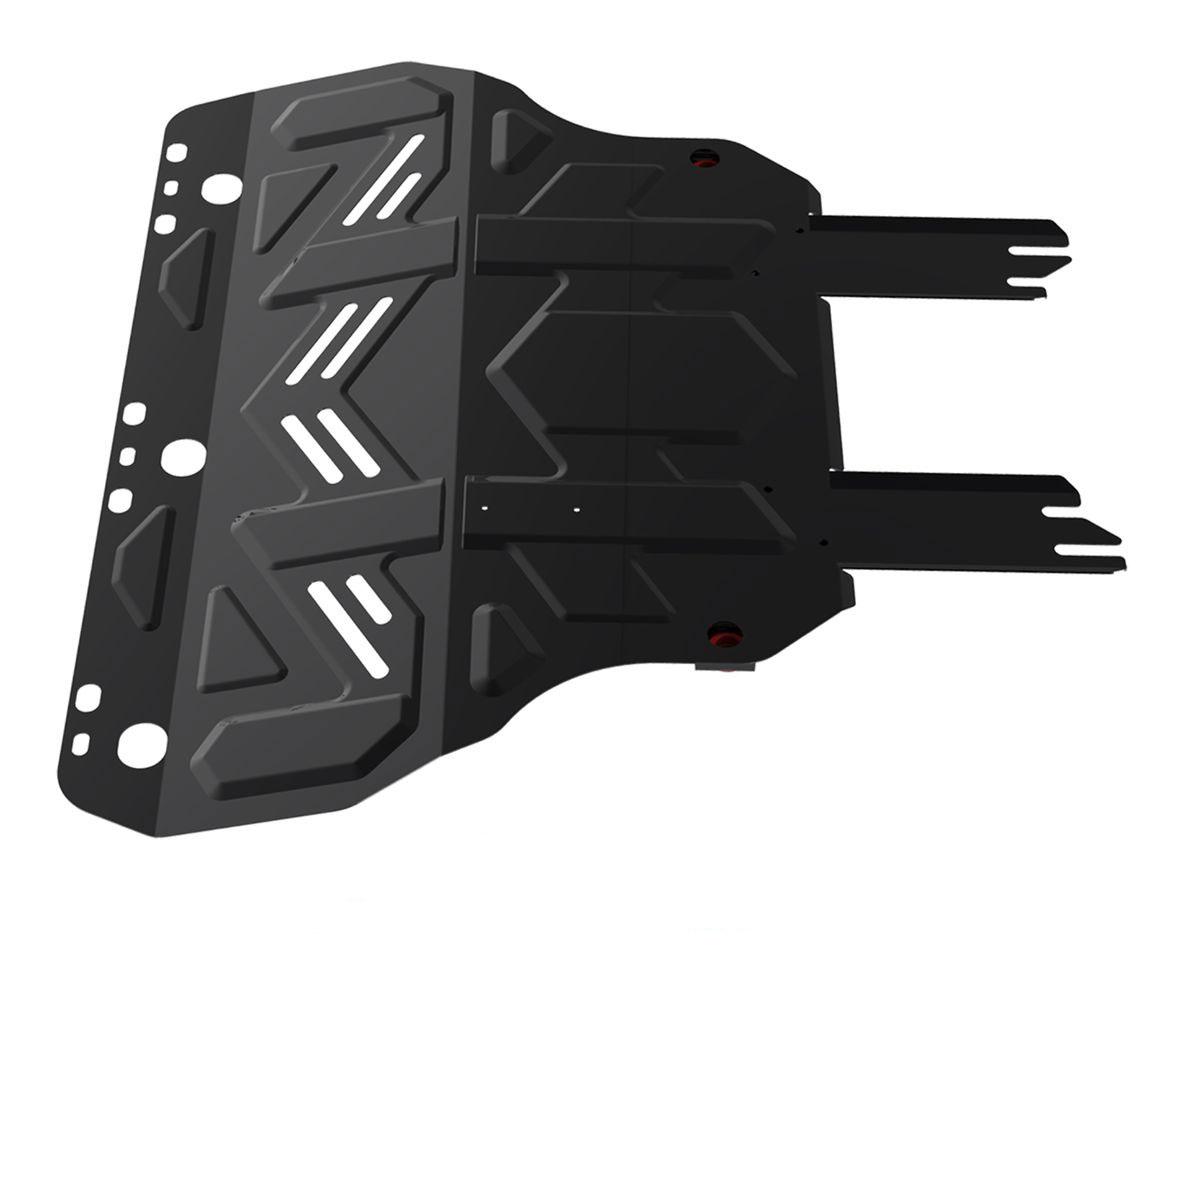 Защита картера и КПП Автоброня, для Ford Focus II/Focus III (2011-)/Grand C-Max/Ford Kuga/Ford С-Max V-все111.01850.1Защита картера и КПП Автоброня выполнена из высококачественной стали с пластиковыми элементами. Глубокий штамп помогает усилить конструкцию. Защита оснащена виброгасящими компенсаторами. Толщина стали: 2 мм. В комплекте набор крепежа.